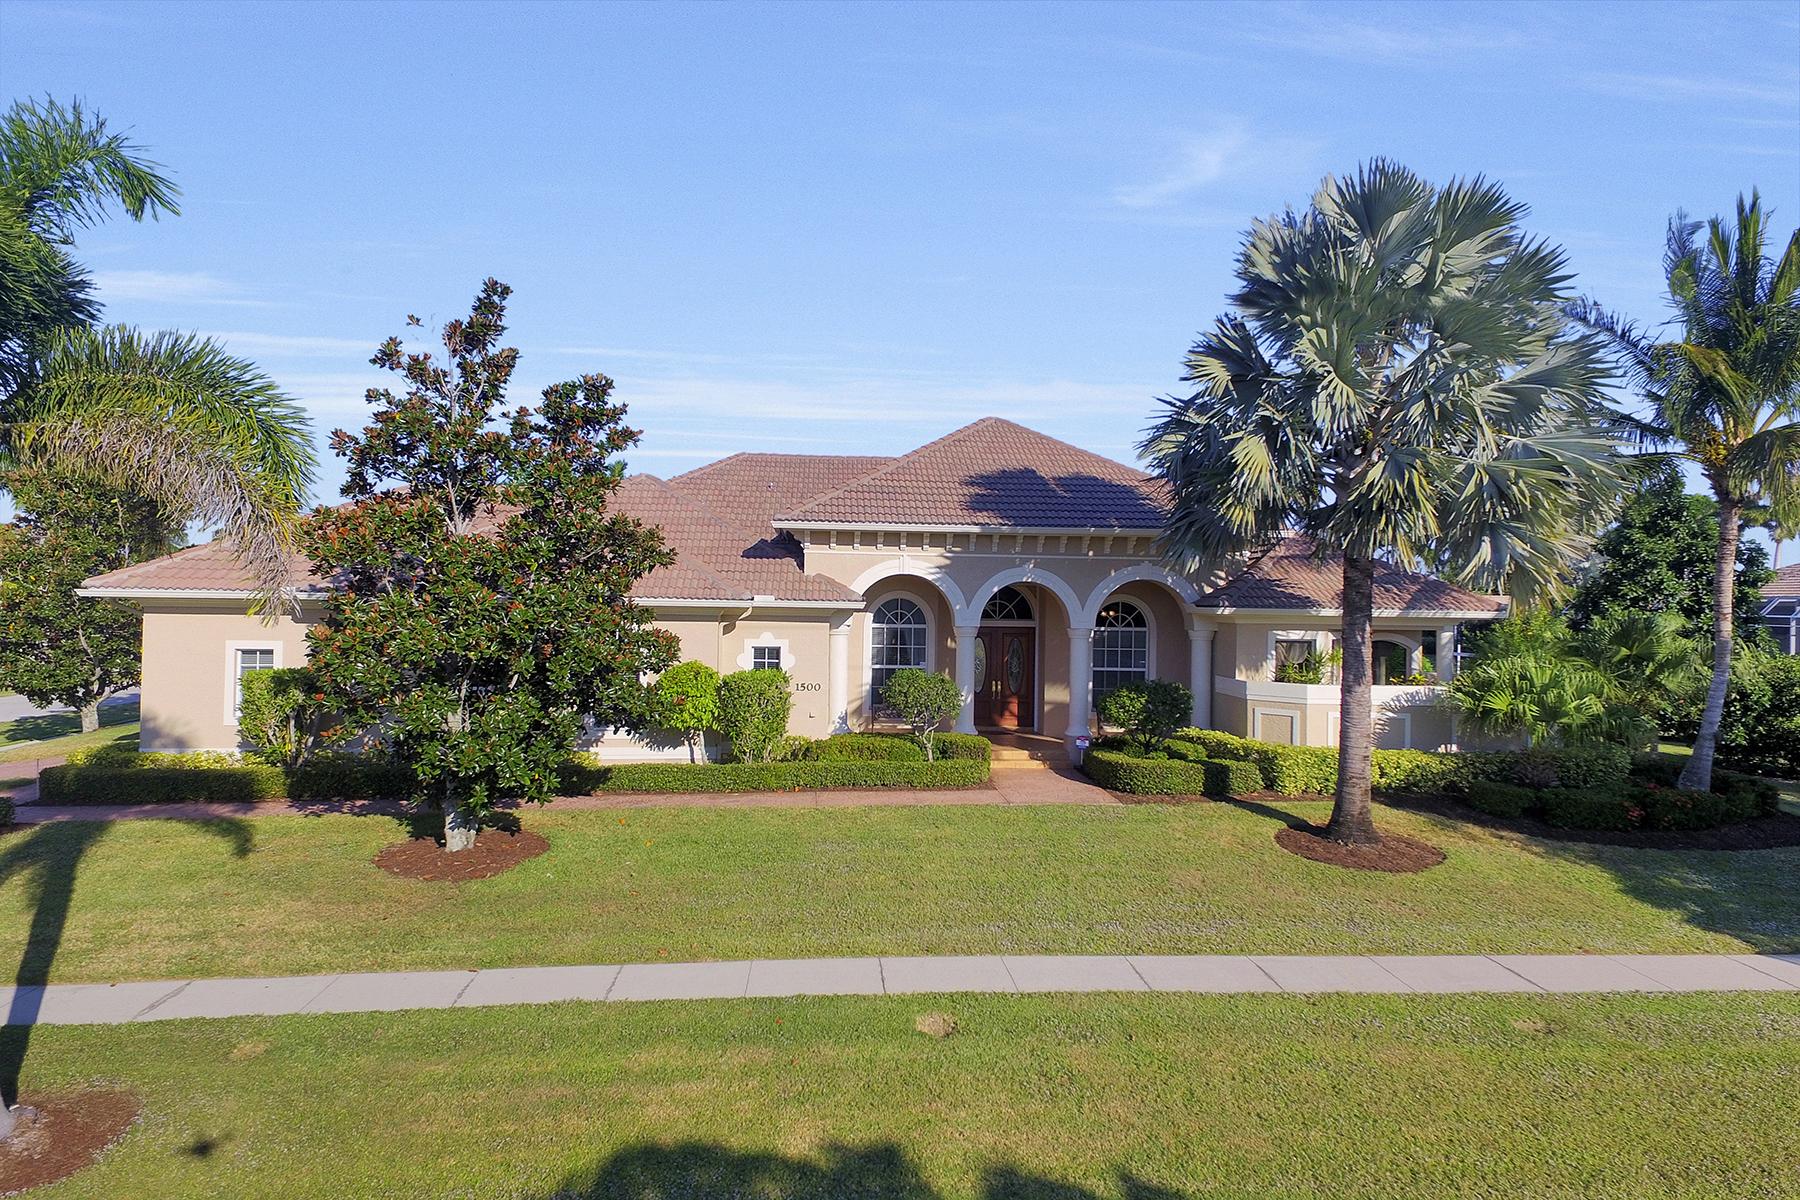 Nhà ở một gia đình vì Bán tại MARCO ISLAND - WINTERBERRY DRIVE 1500 Winterberry Dr Marco Island, Florida, 34145 Hoa Kỳ